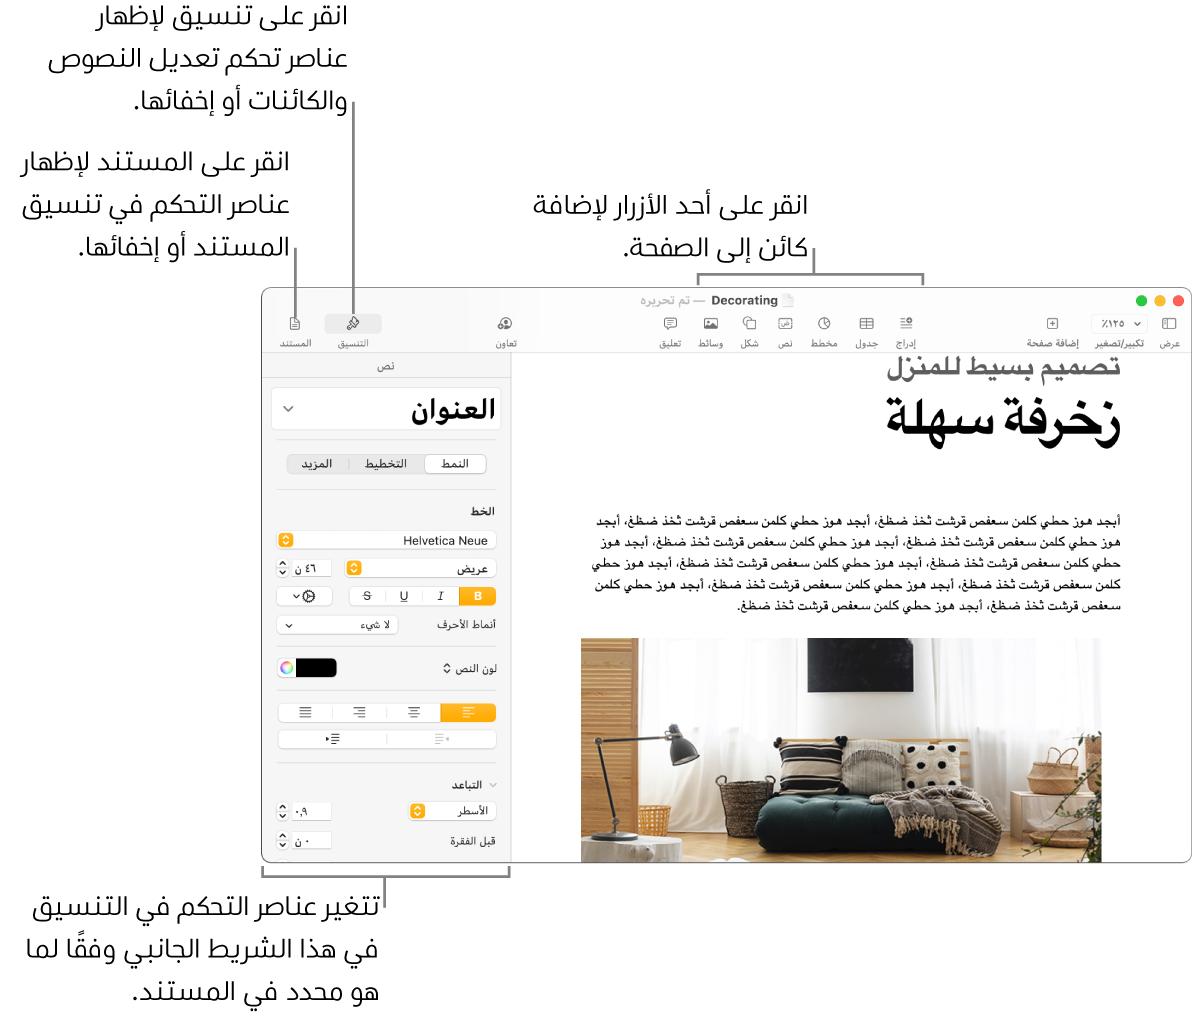 نافذة Pages مع أزرار في شريط الأدوات لإضافة الكائنات وفتح الأشرطة الجانبية.